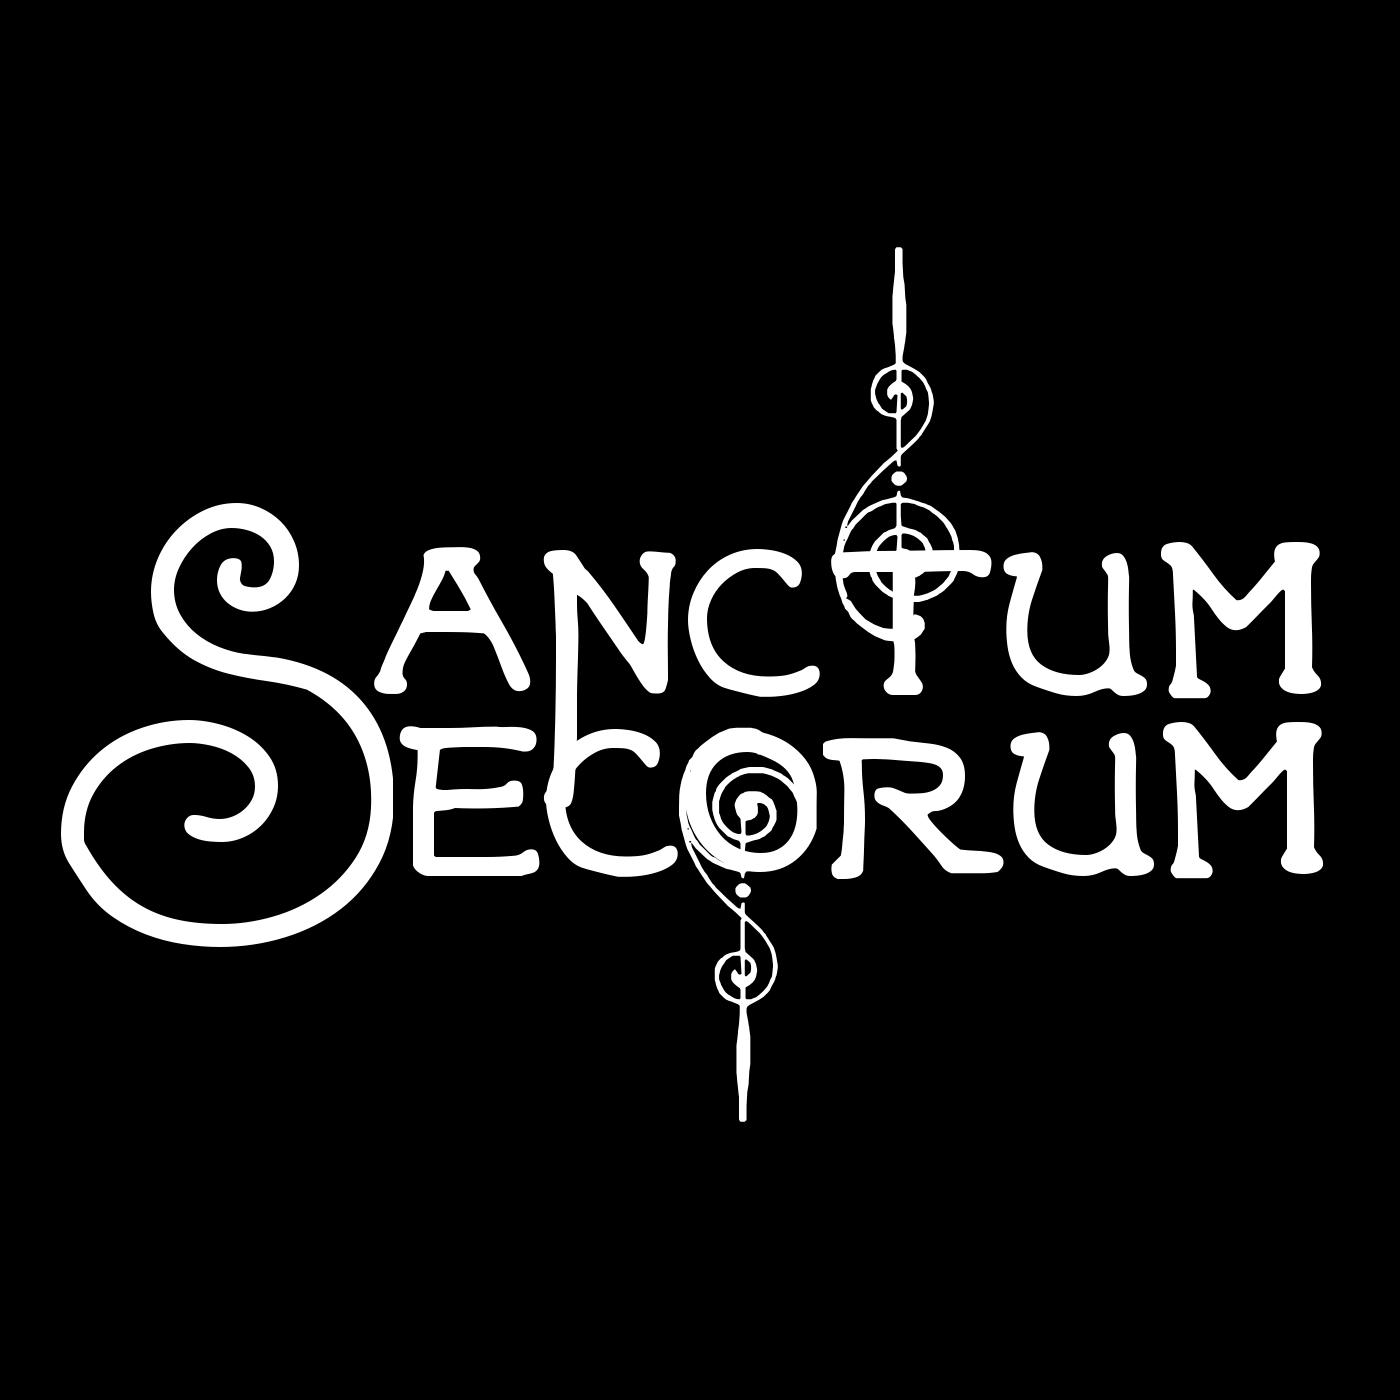 Sanctum Secorum #00 - Whetting your appetite